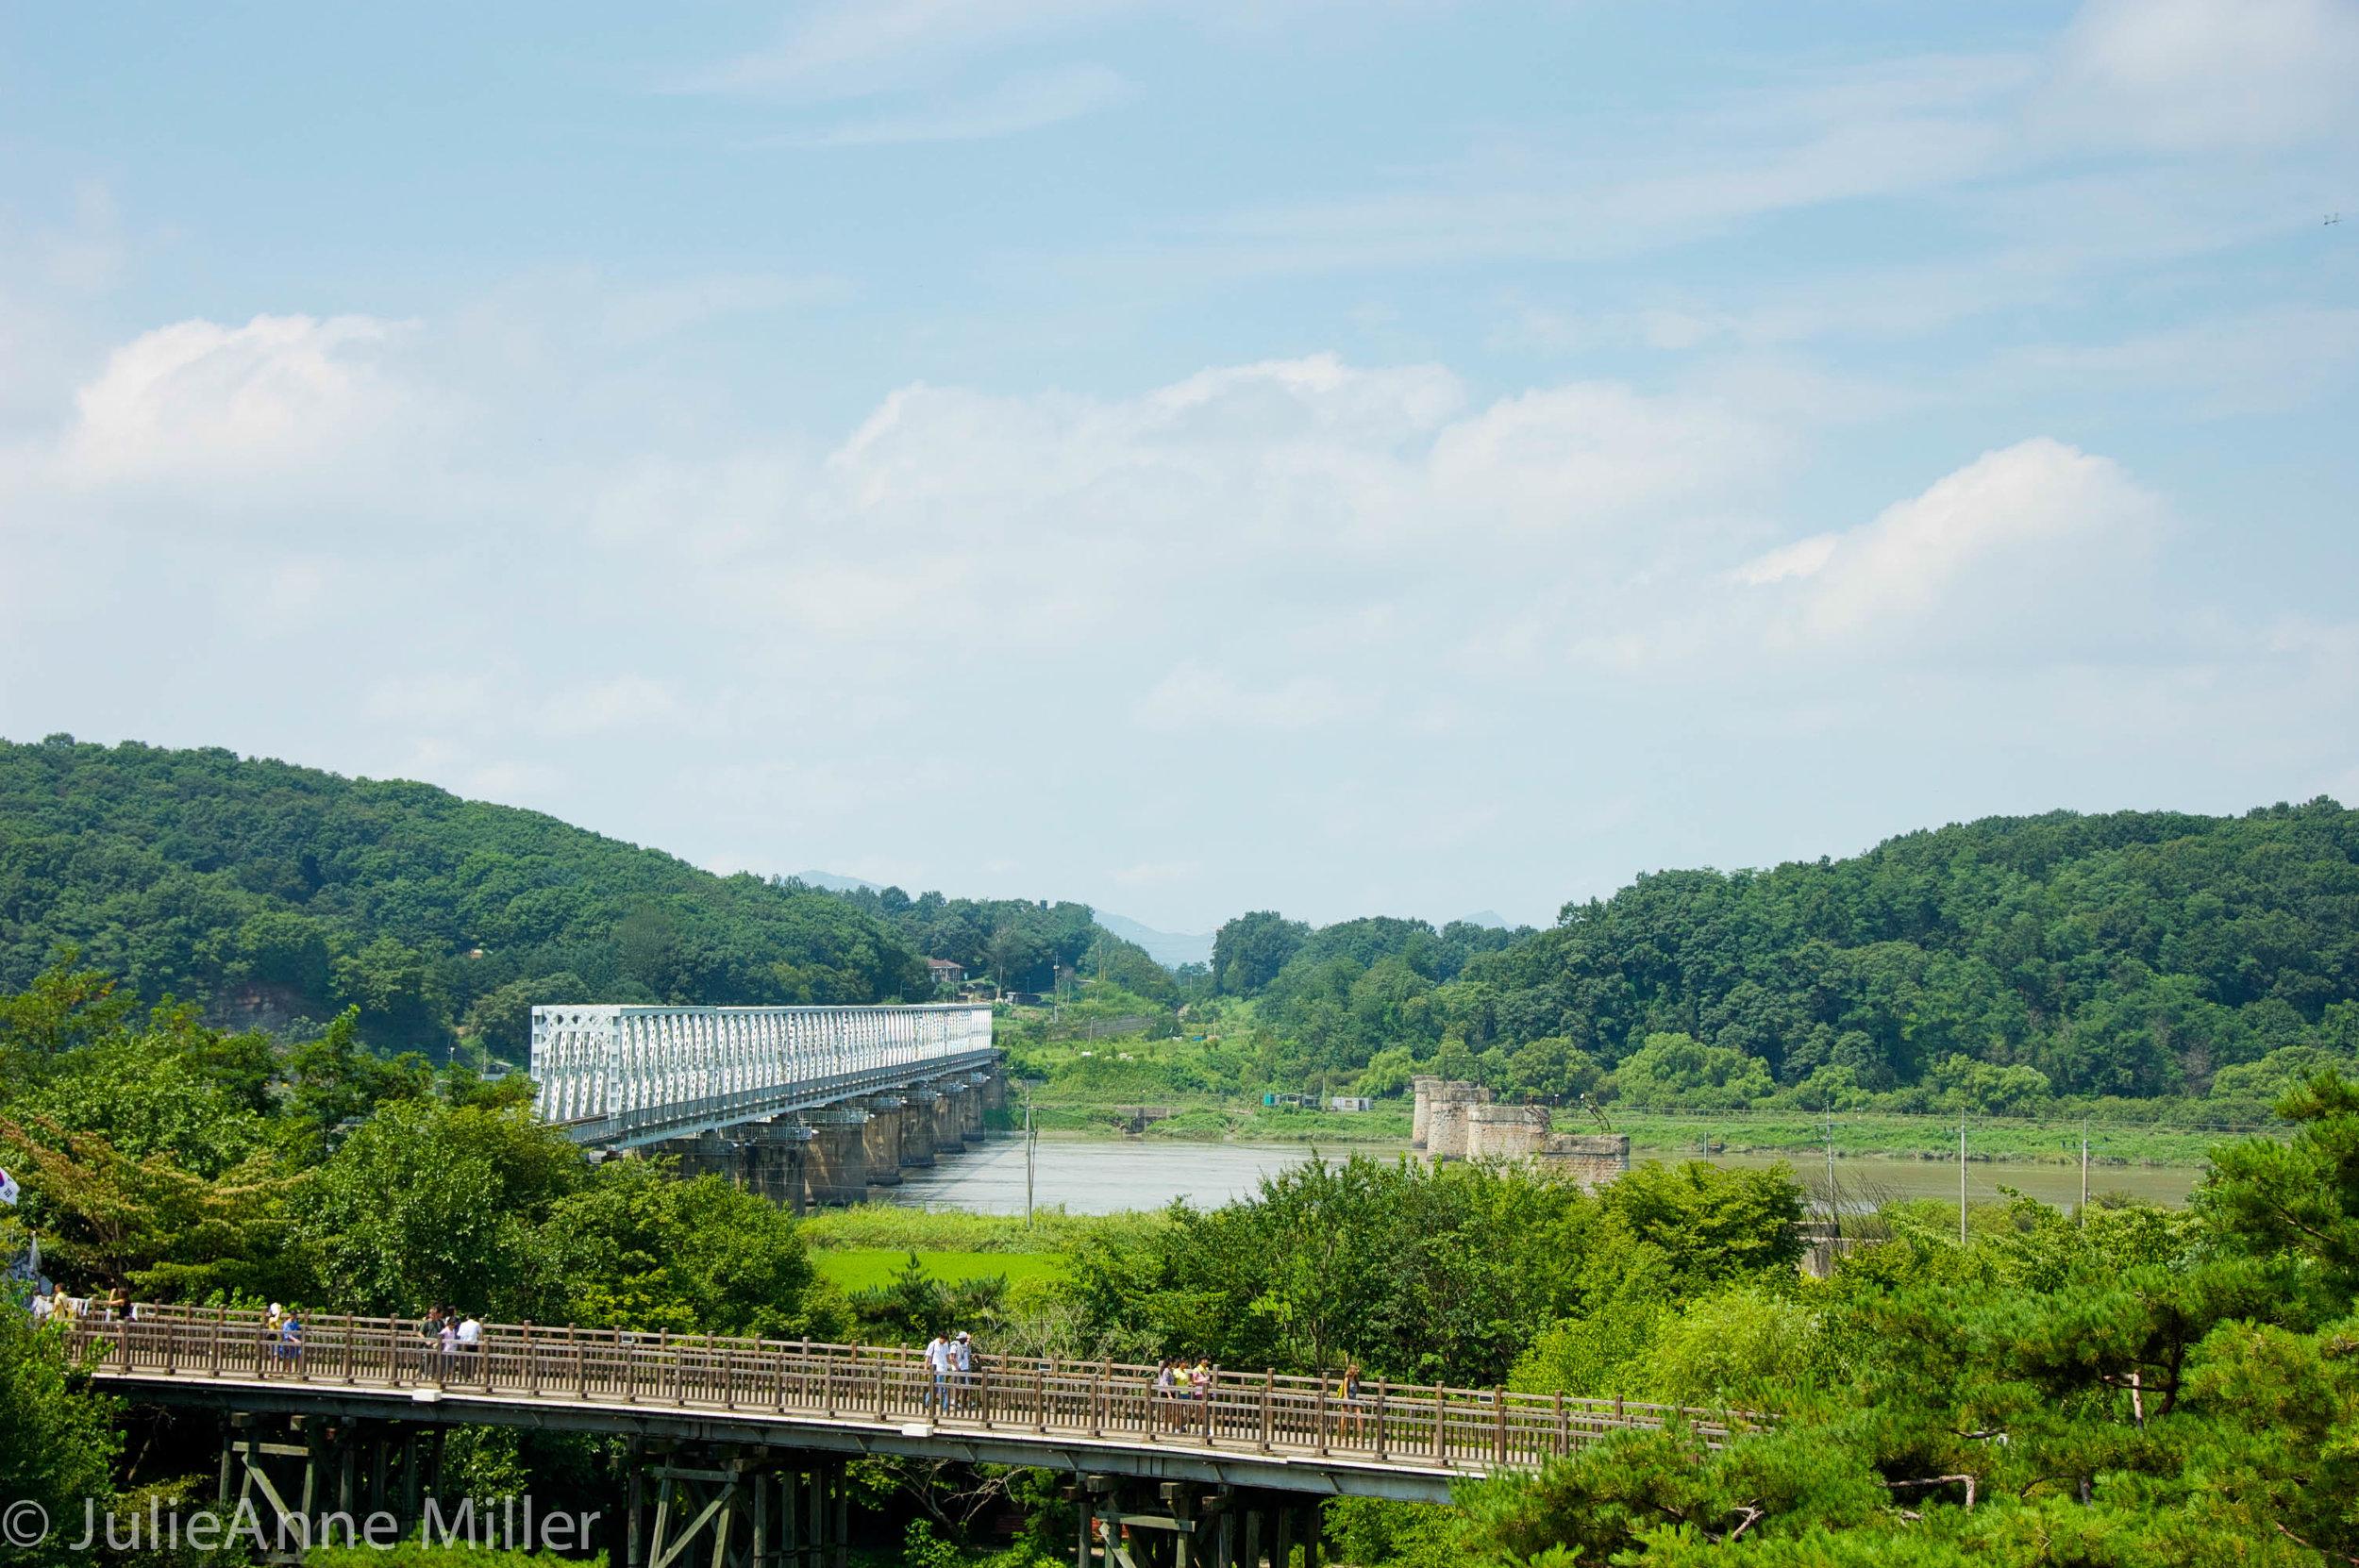 Bridge of No return, dmz, korea